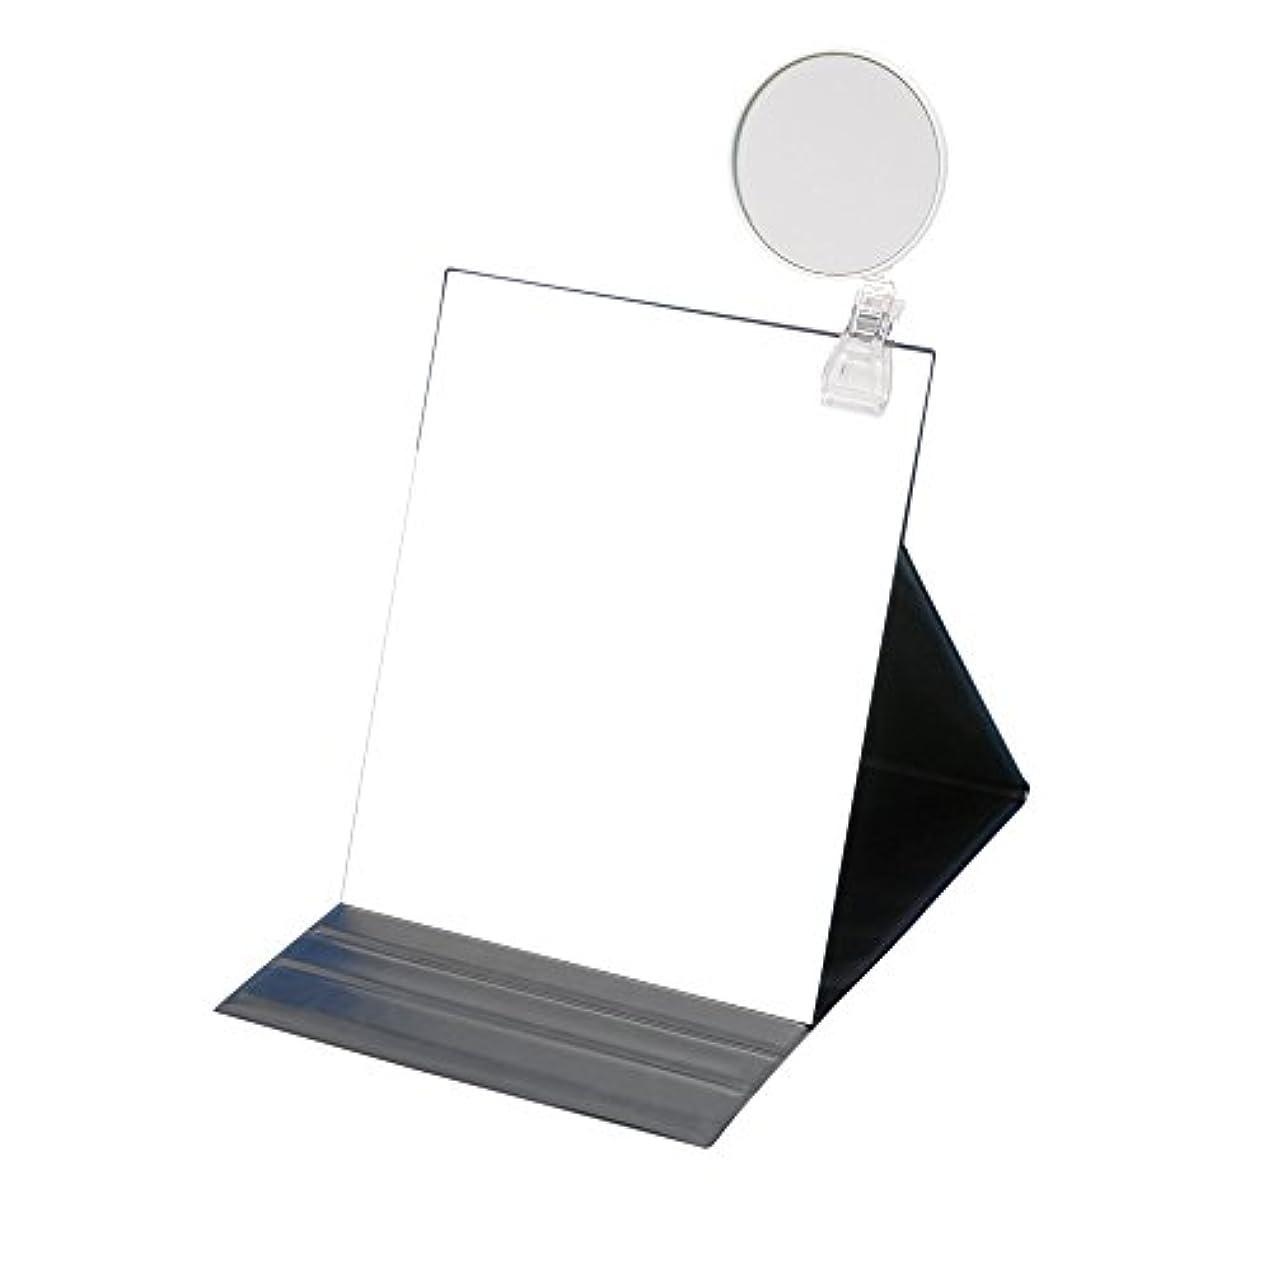 コンチネンタルバルブナピュアミラー 5倍拡大鏡付きプロモデル折立ナピュアミラー3L ブラック HP-53×5